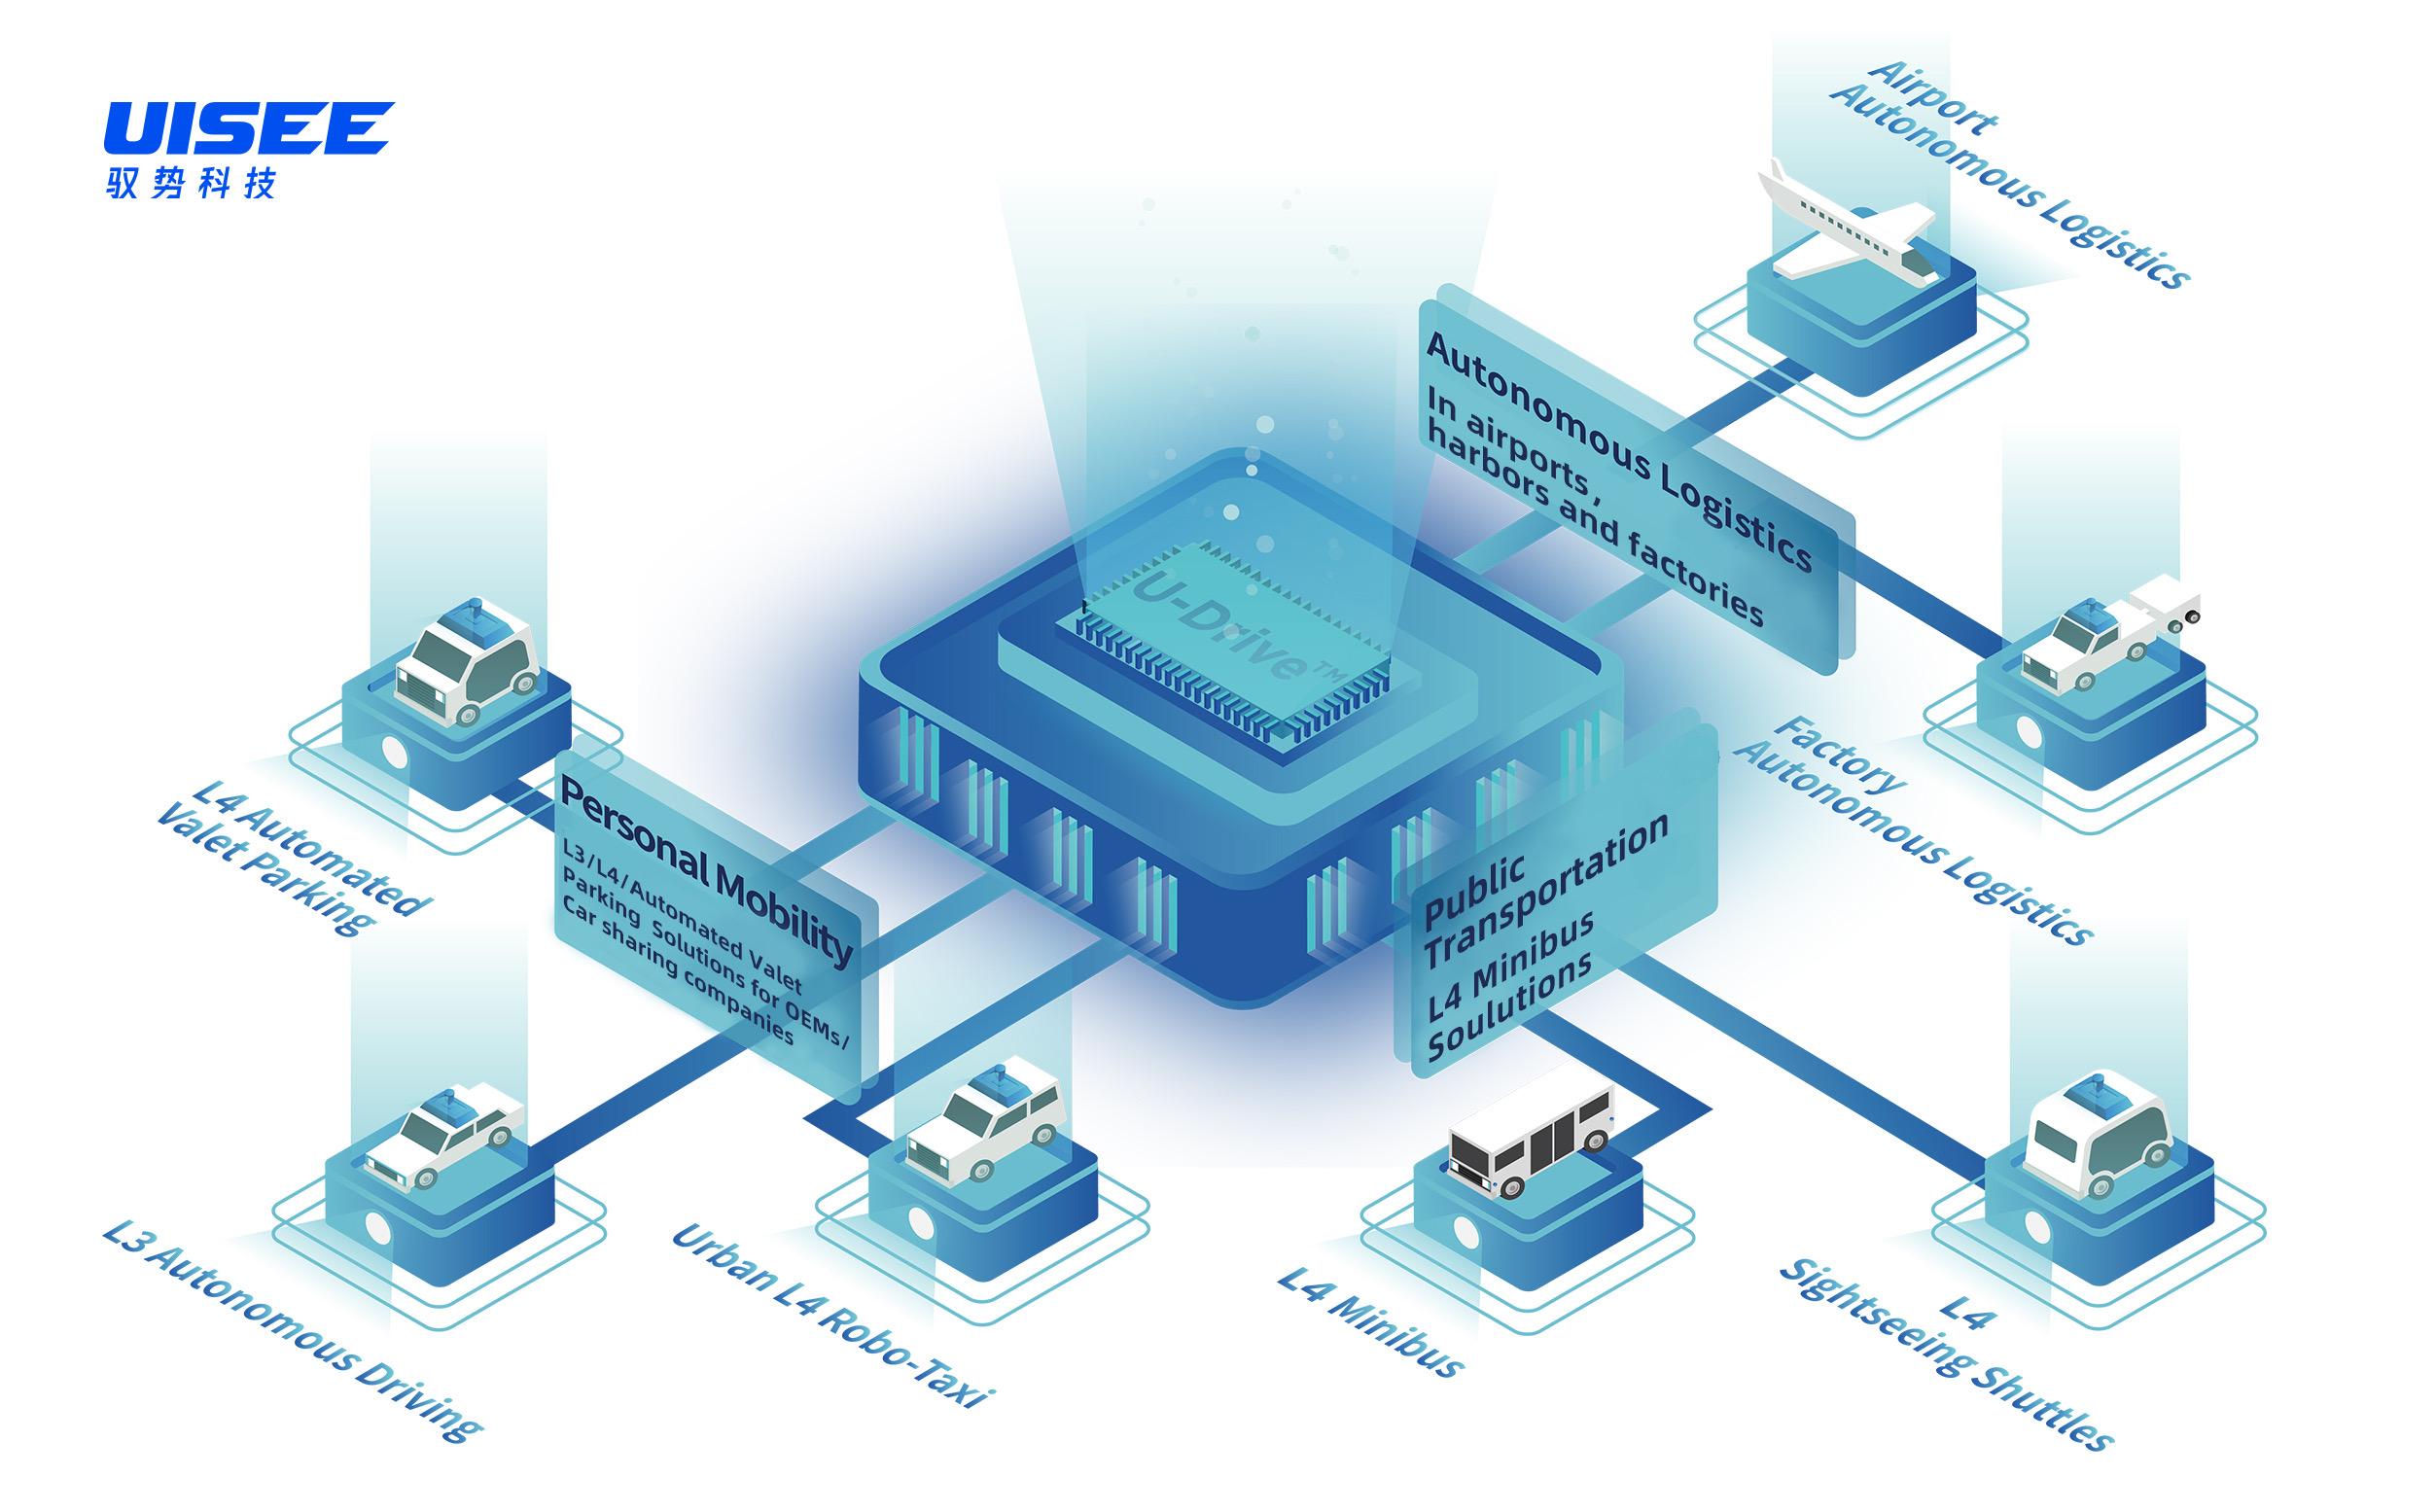 Plattform Lösung: UISEE's Produkt- und Technologieplattform